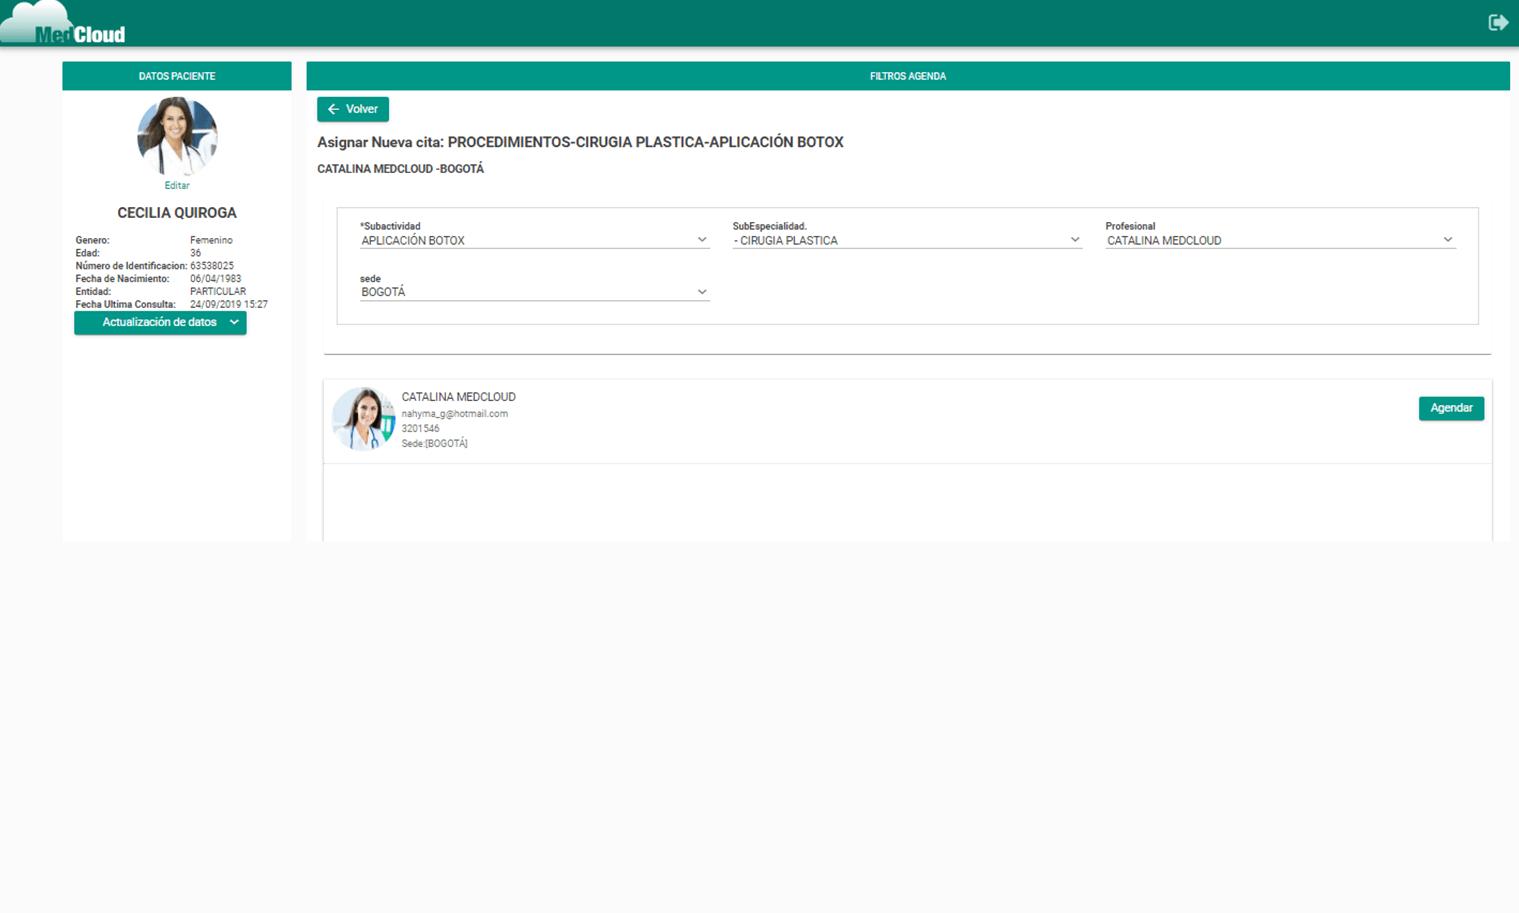 screenshot del producto 04